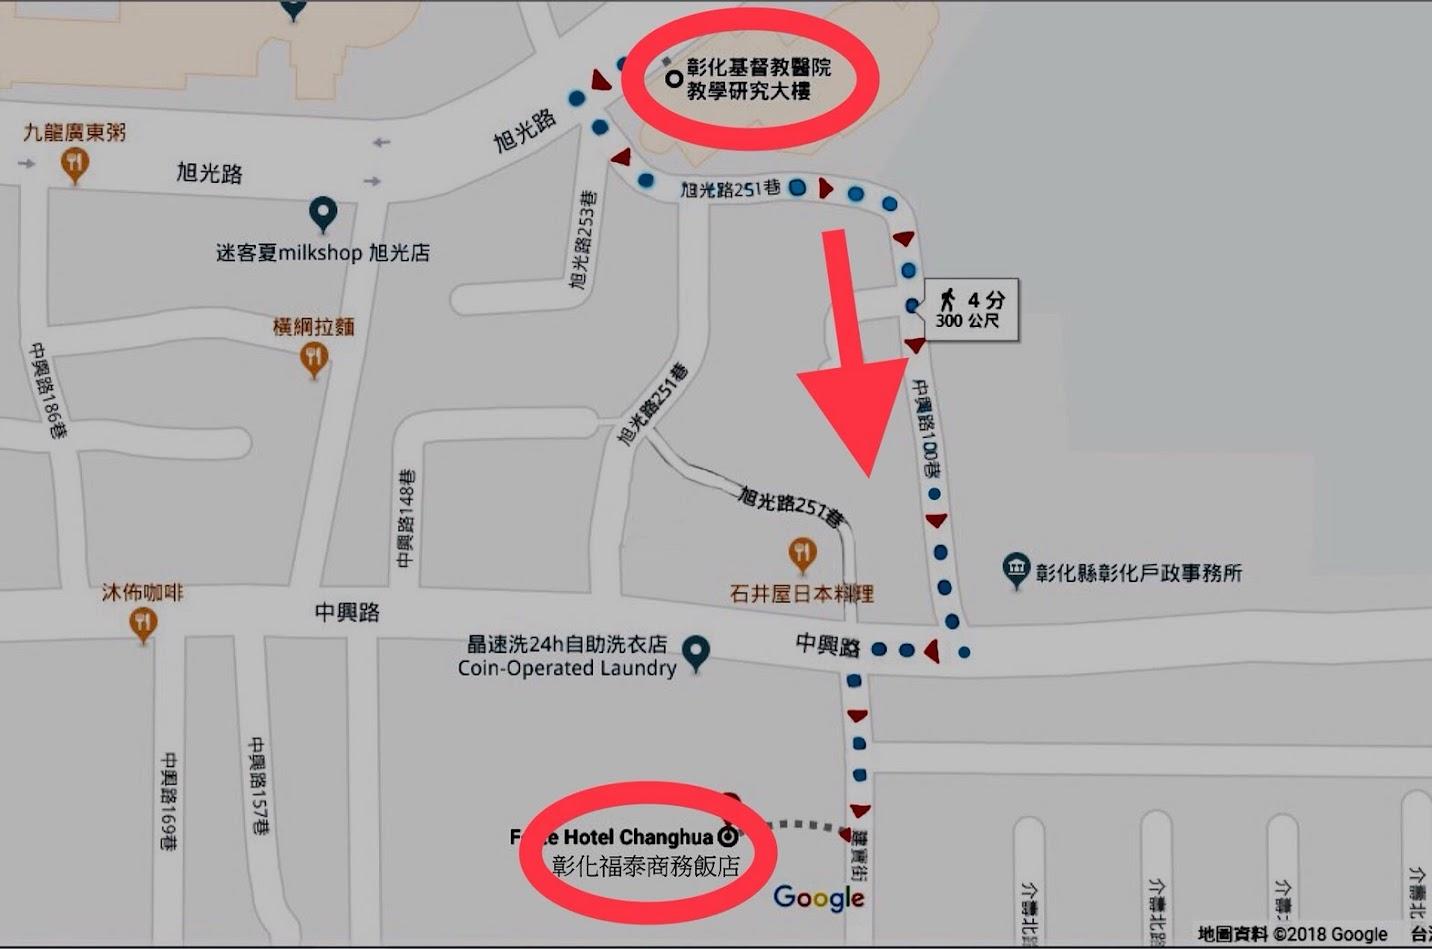 彰化基督教醫院到福華